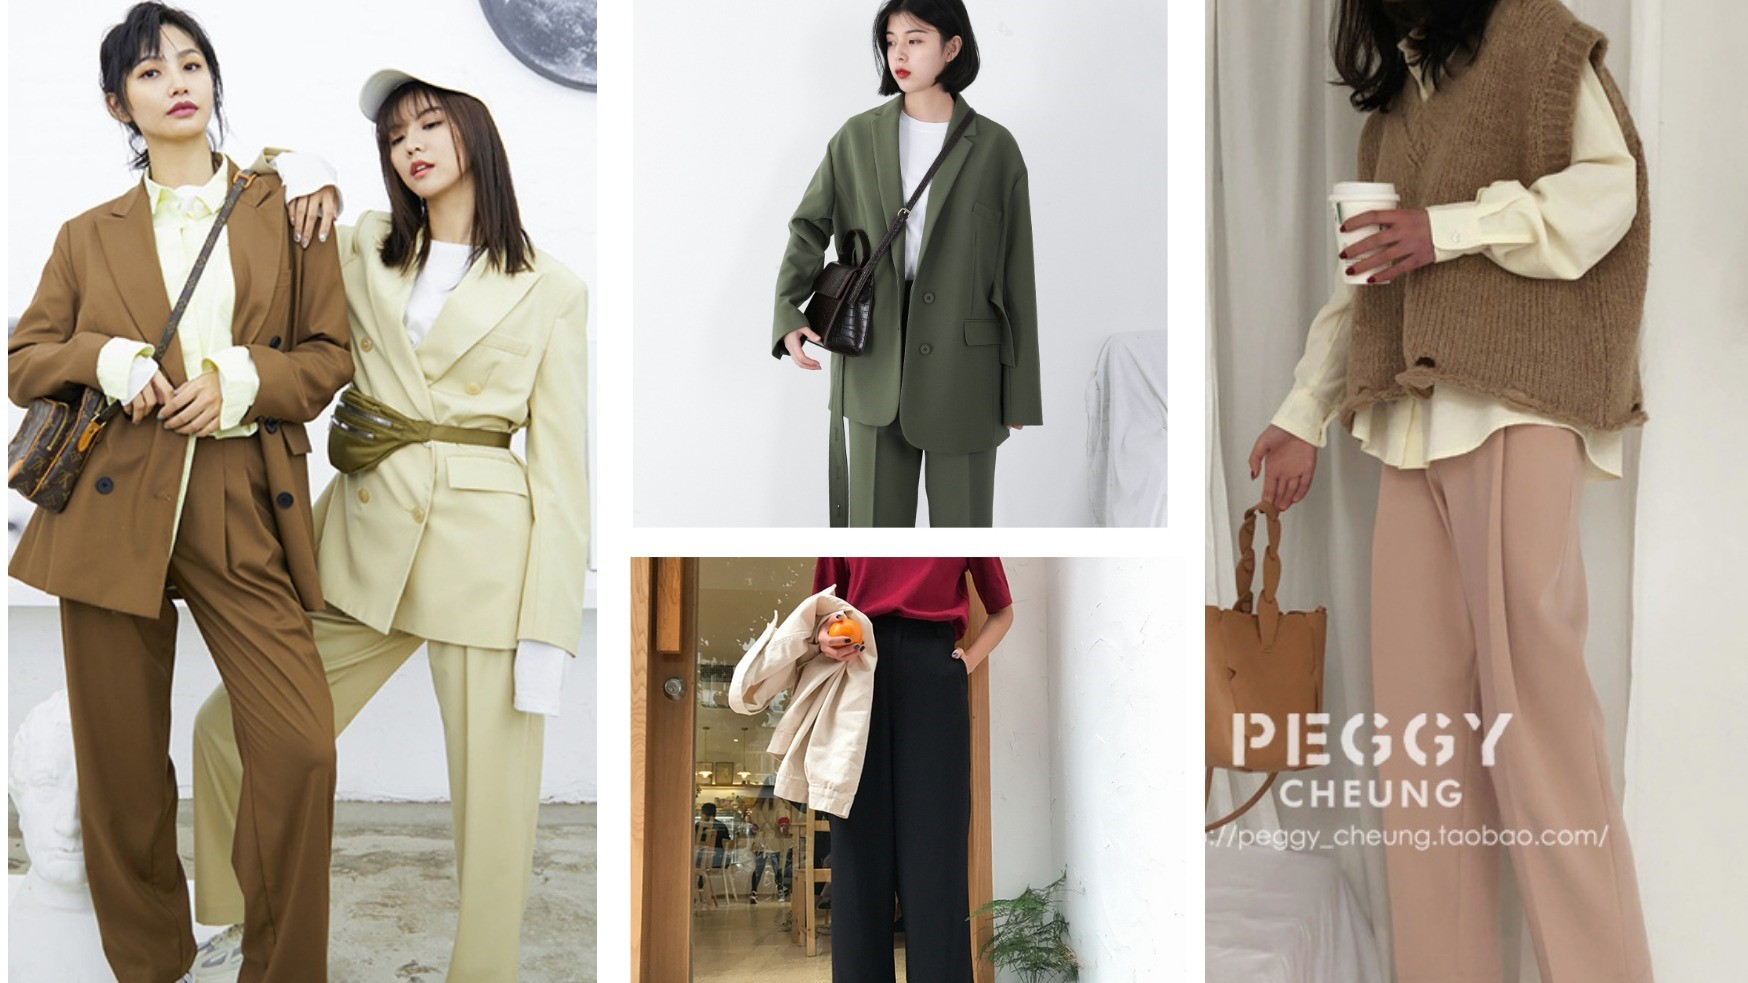 時髦【西裝褲】穿搭對決:摩登套裝派VS街頭休閒派,你選哪一派